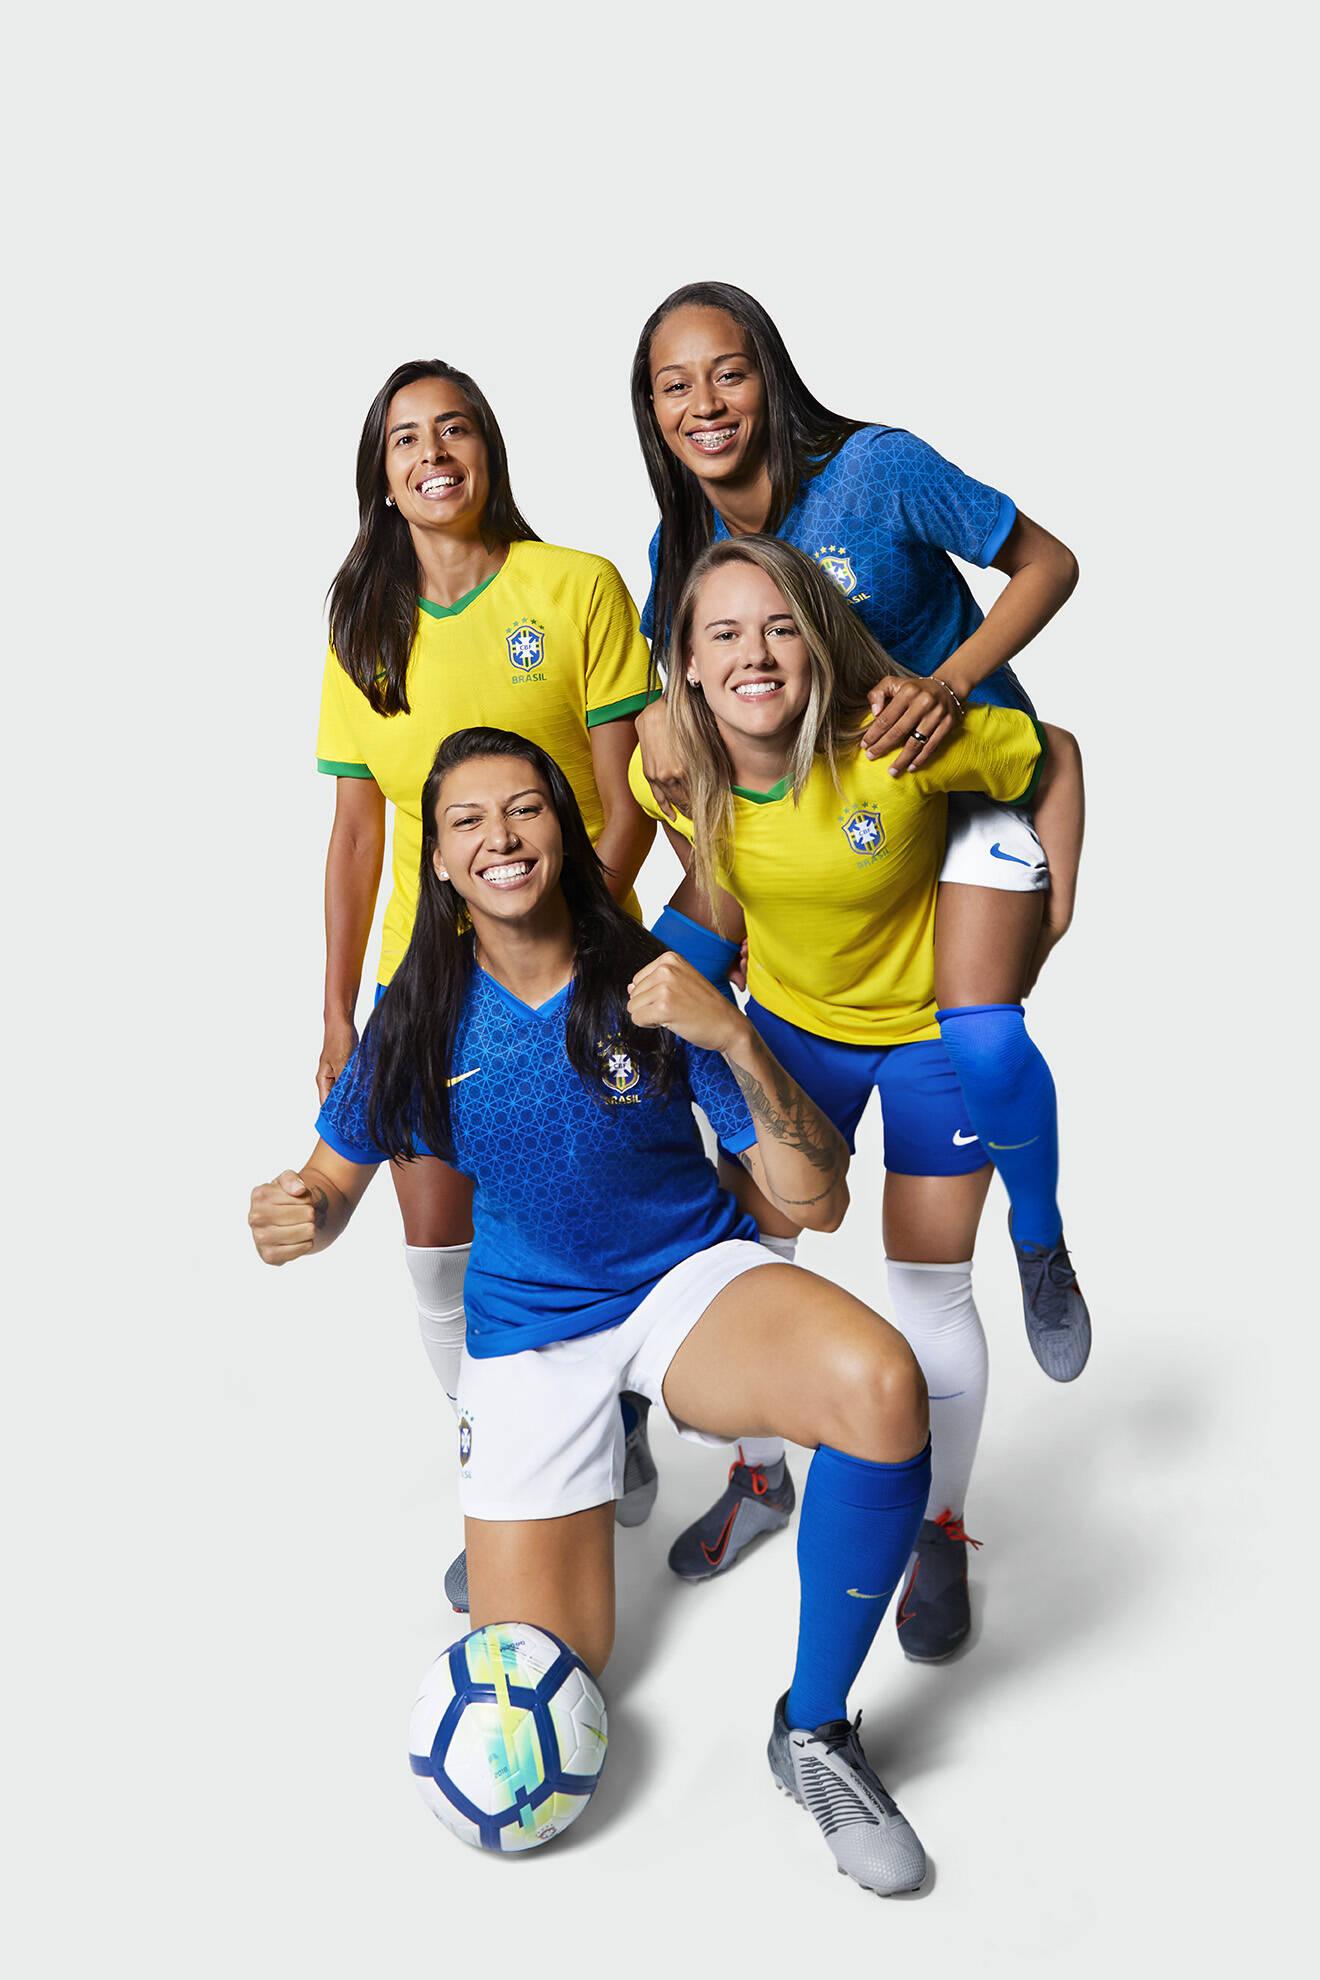 As novas camisas da seleção brasileira feminina para Copa do Mundo de 2019. Foto: Divulgação/Nike